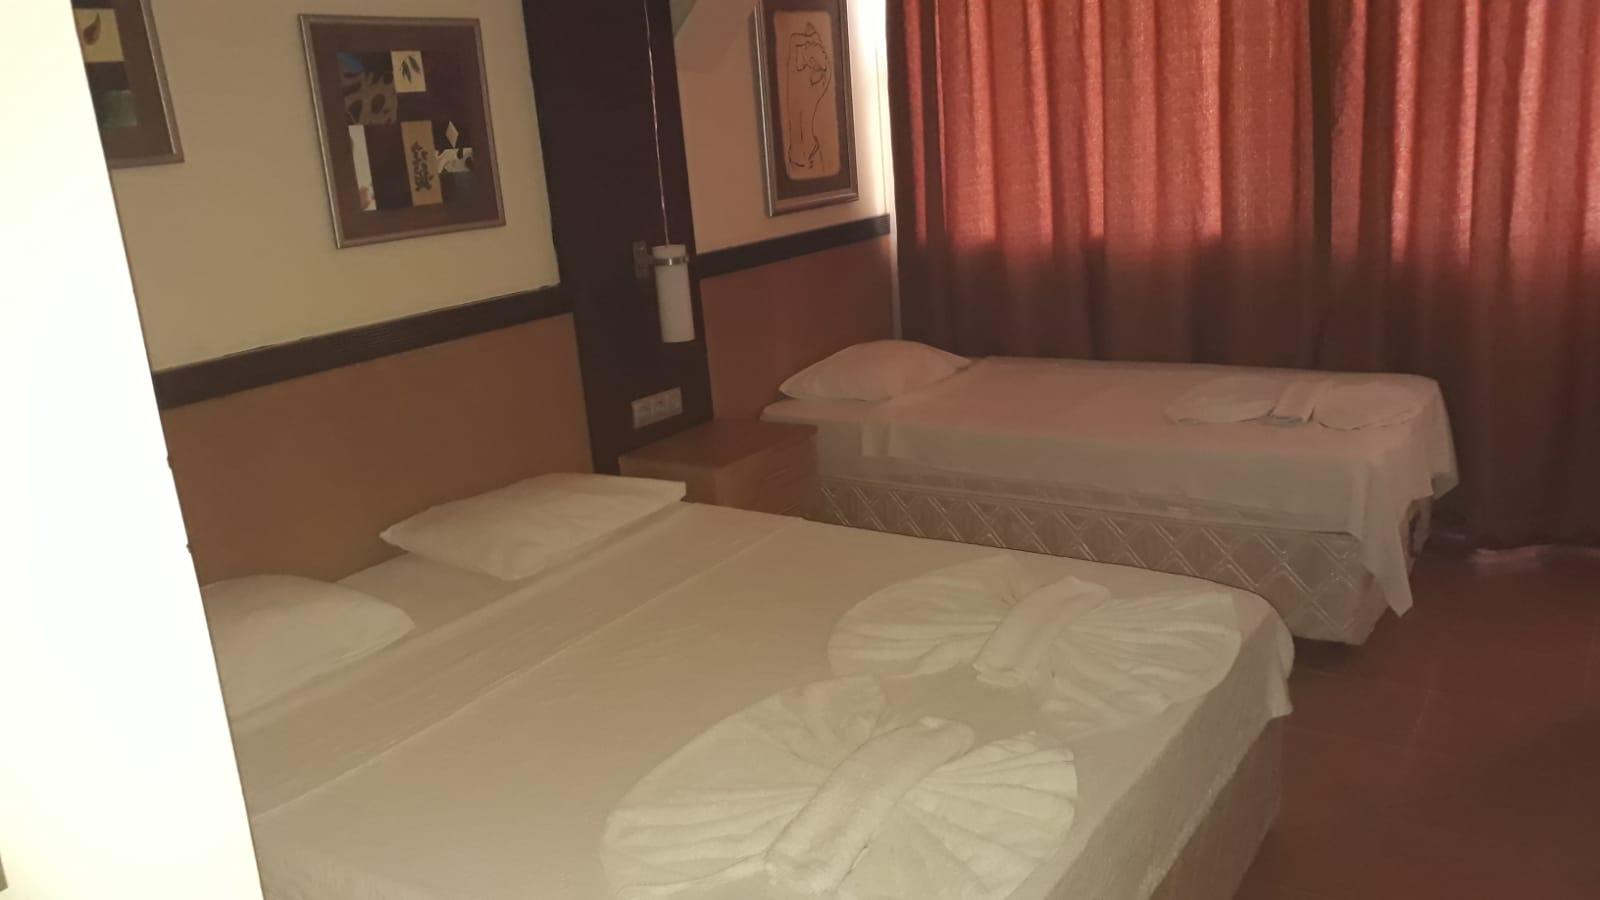 Letovanje Turska autobusom, Kusadasi, Hotel Roxx Roayal ex  Santur,deo hotelske sobe